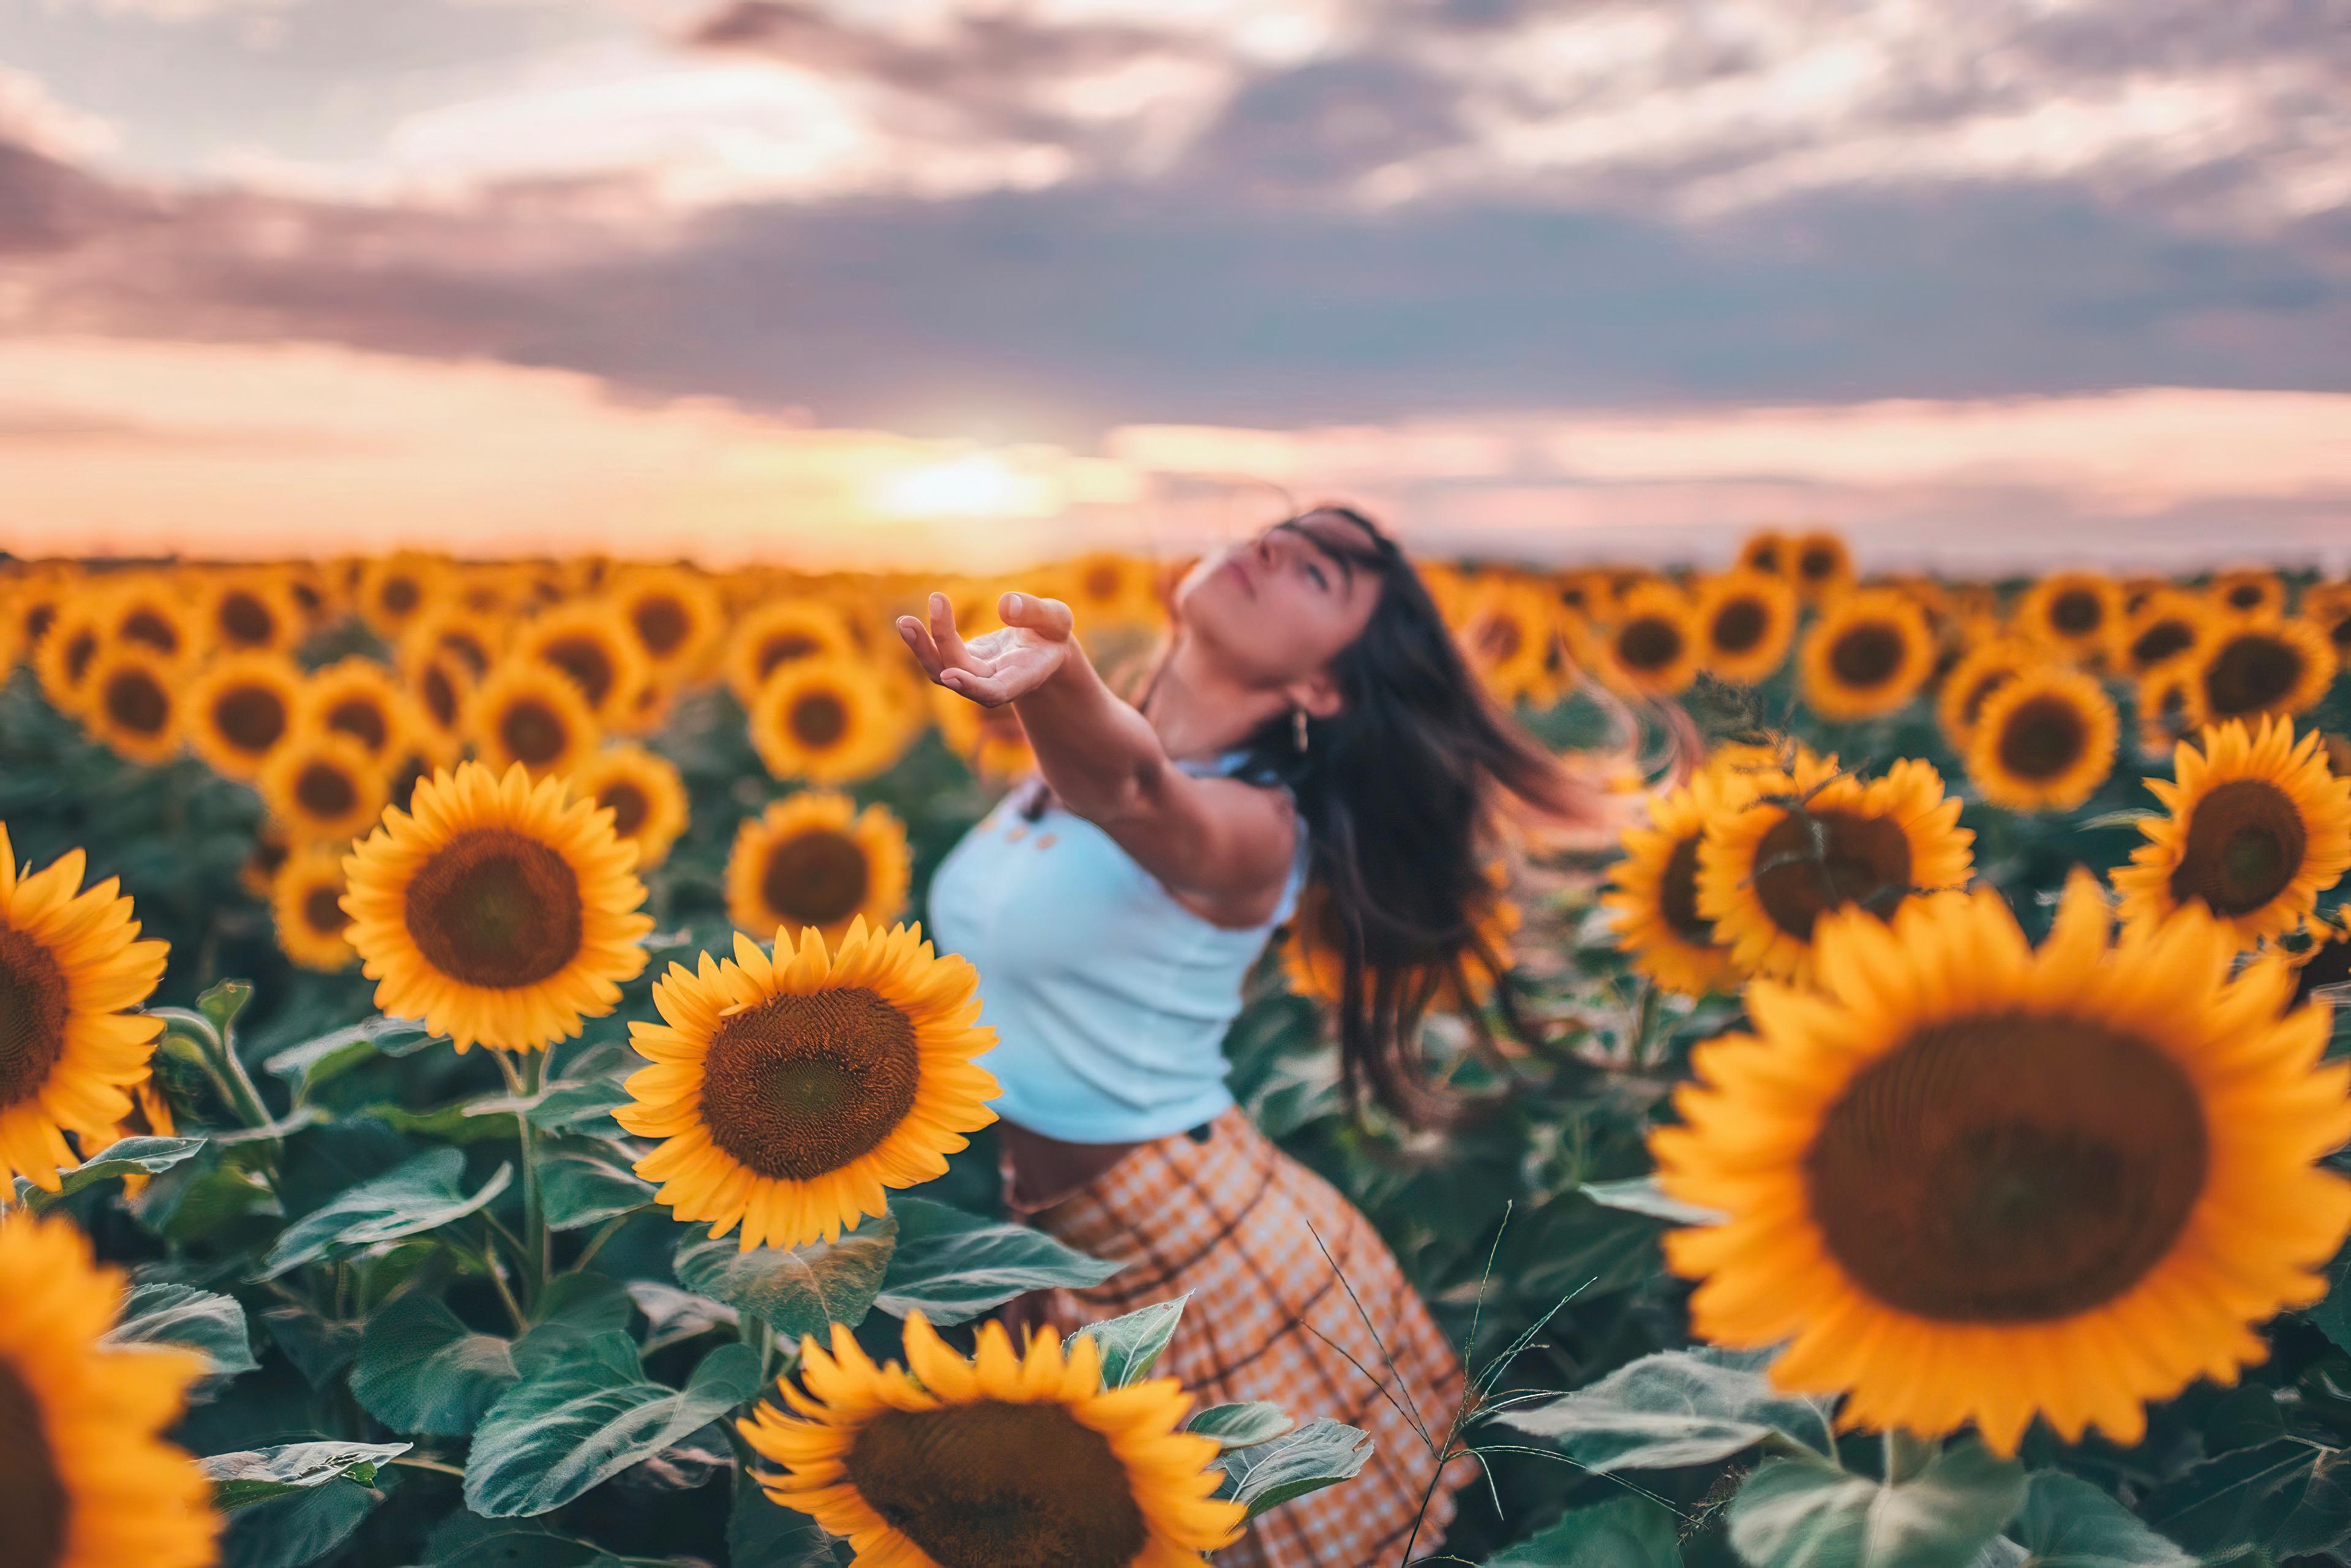 girl field joy 1575666029 - Girl Field Joy -